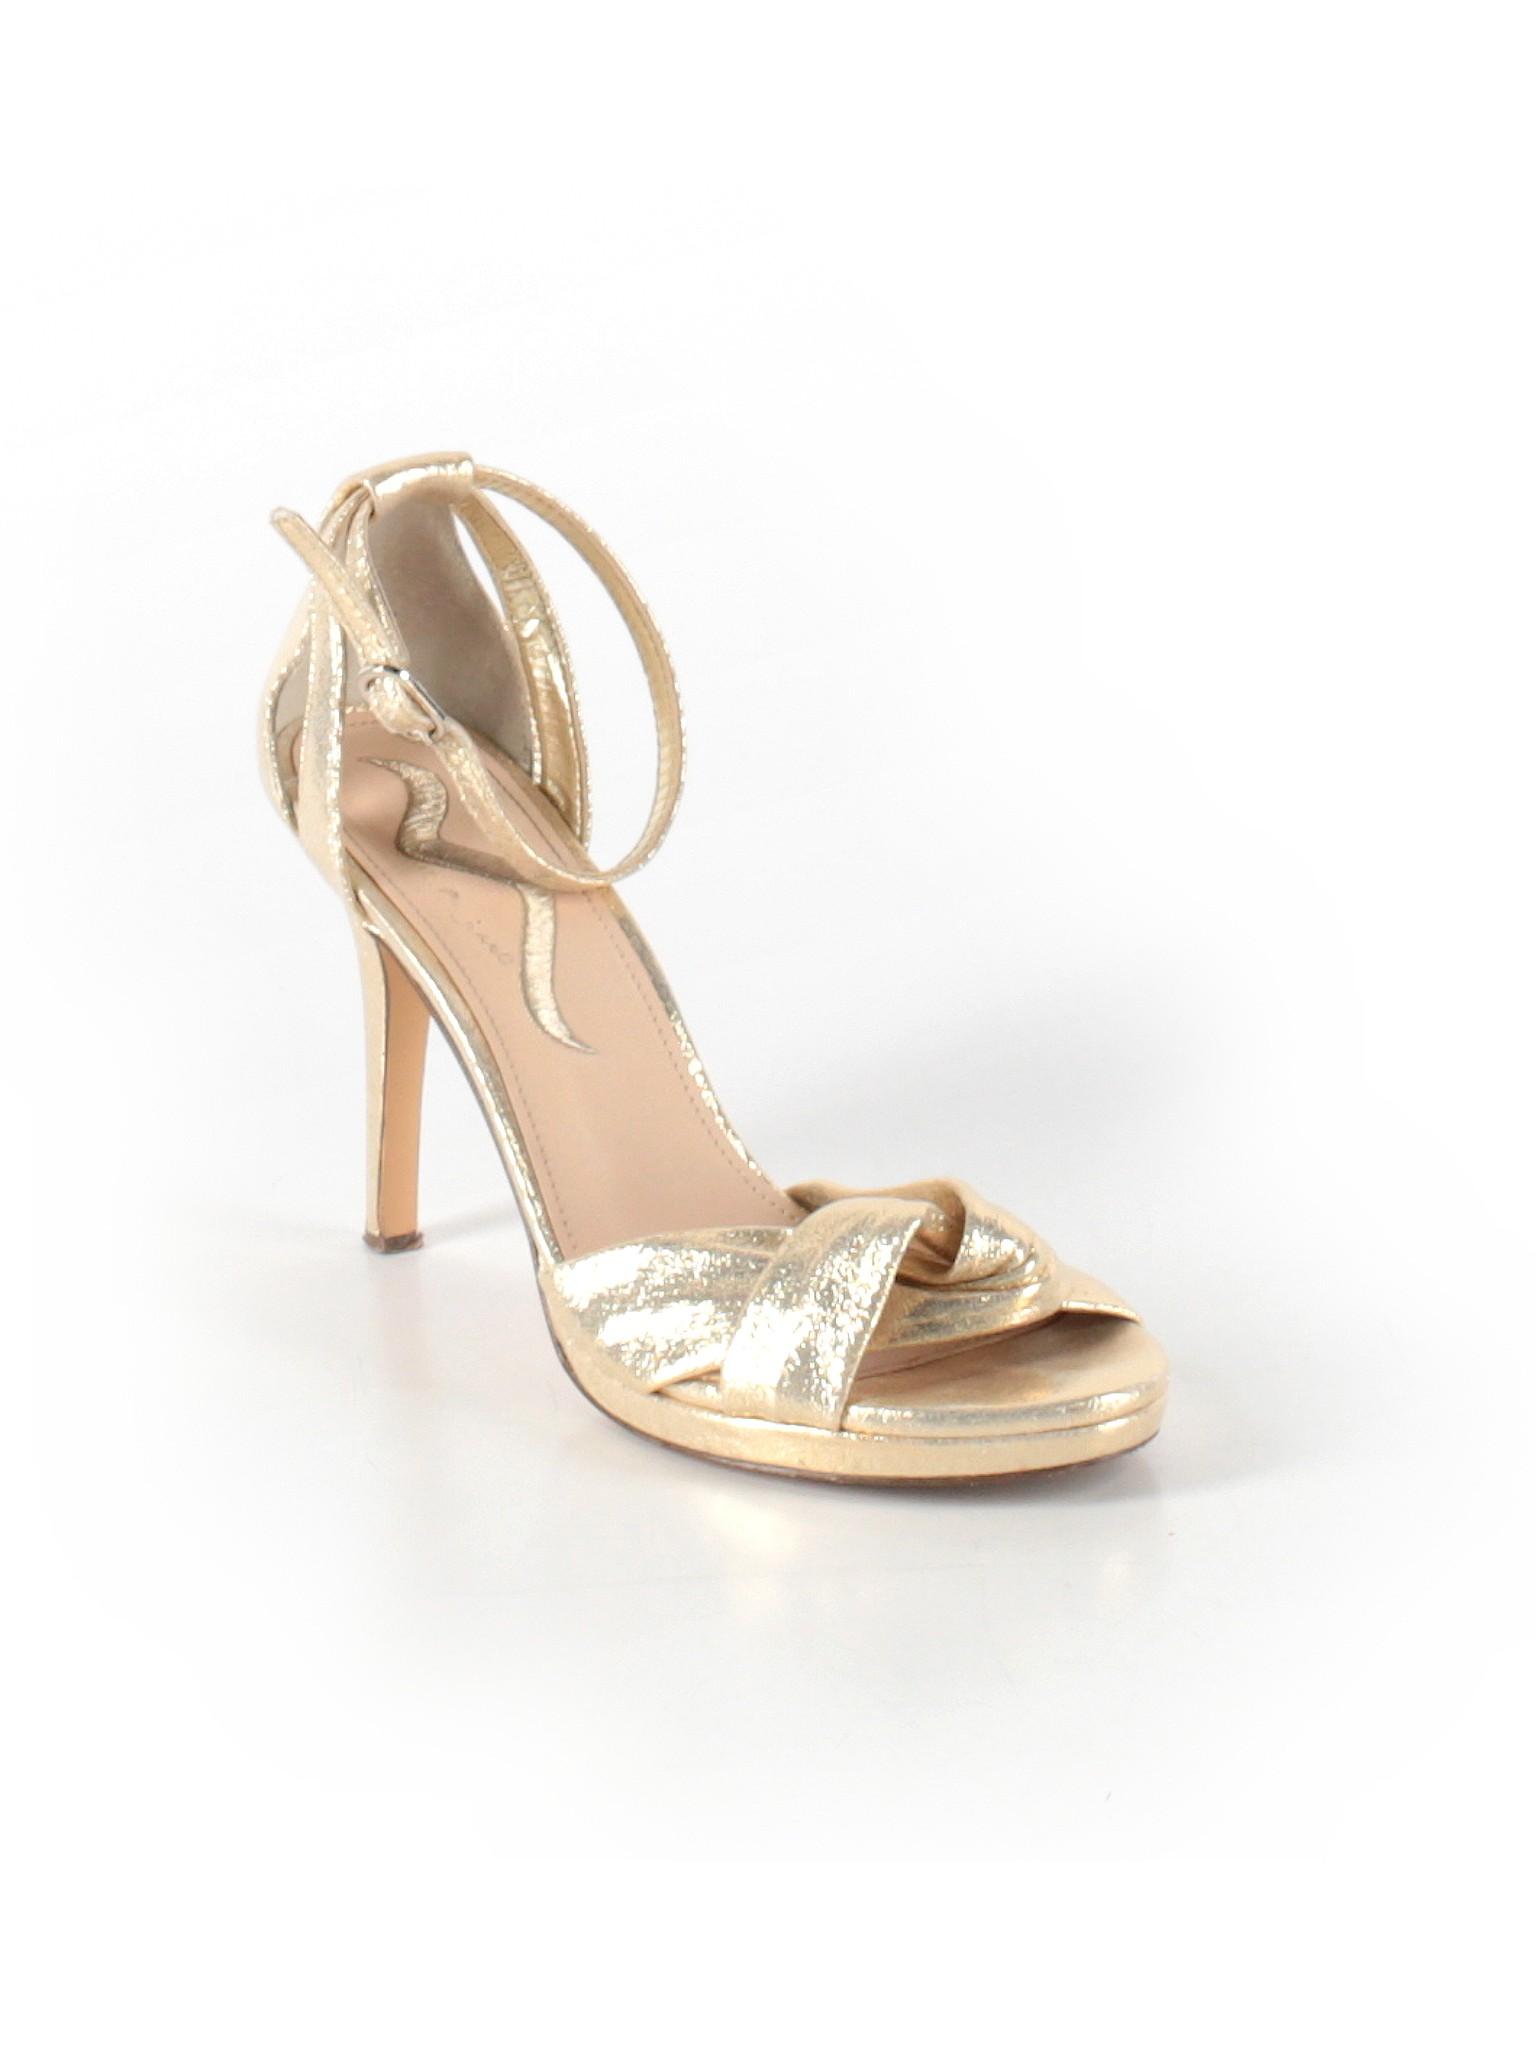 Nina promotion promotion Nina Boutique Heels Boutique Heels Boutique npqPPY4f